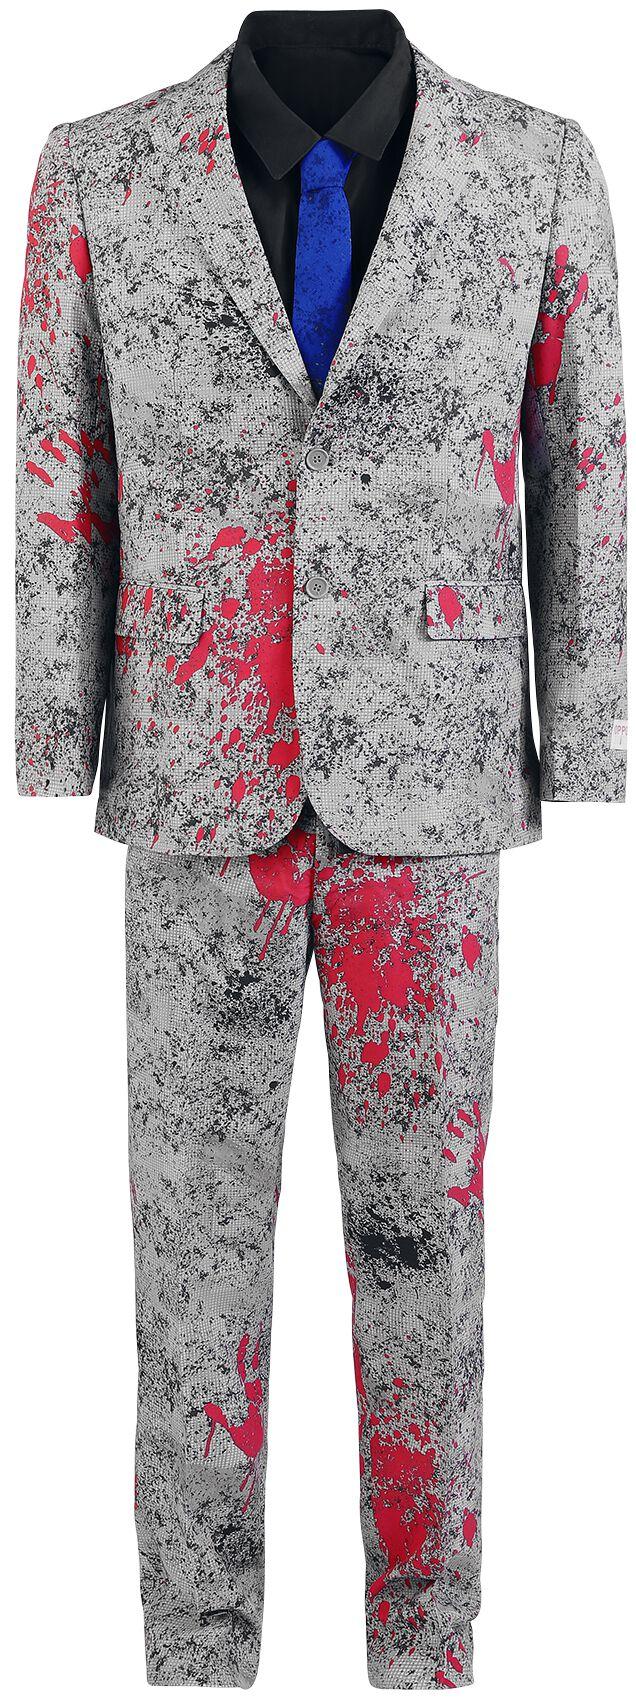 Fun Shirts - Maski i Kostiumy - Kostium OppoSuits Zombiac Kostium szary/czarny/czerwony - 314225